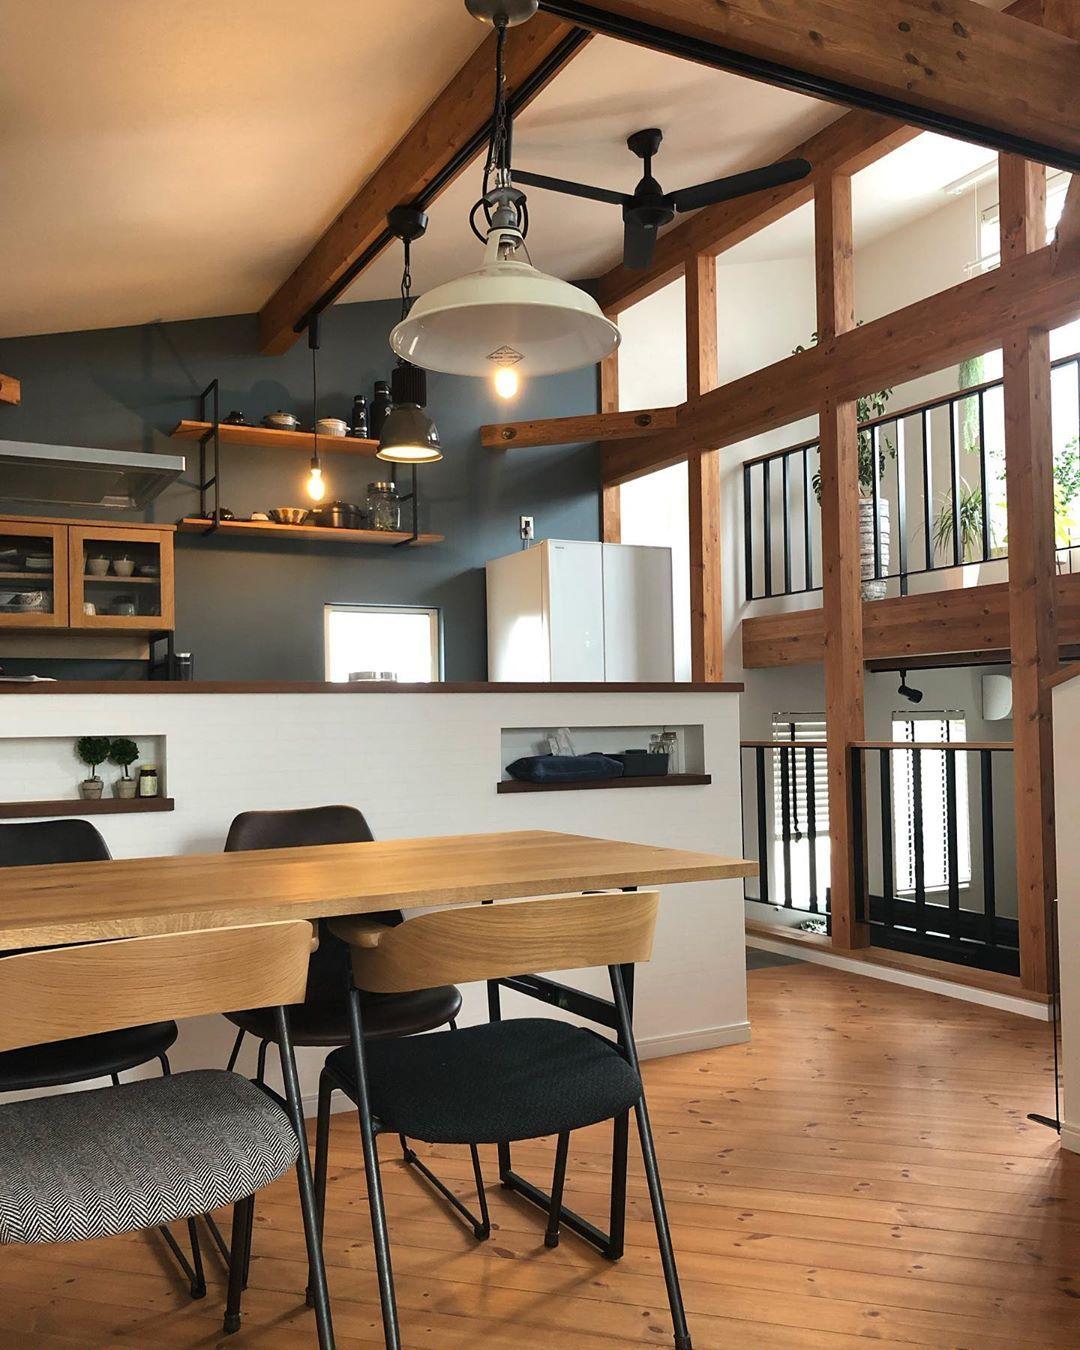 いいね 158件 コメント1件 Chestnut Homeさん Chestnut Mountain Home のinstagramアカウント おはようございます 今日も1日頑張りましょう リビング キッチン マンション インテリア ダイニングテーブルチェア